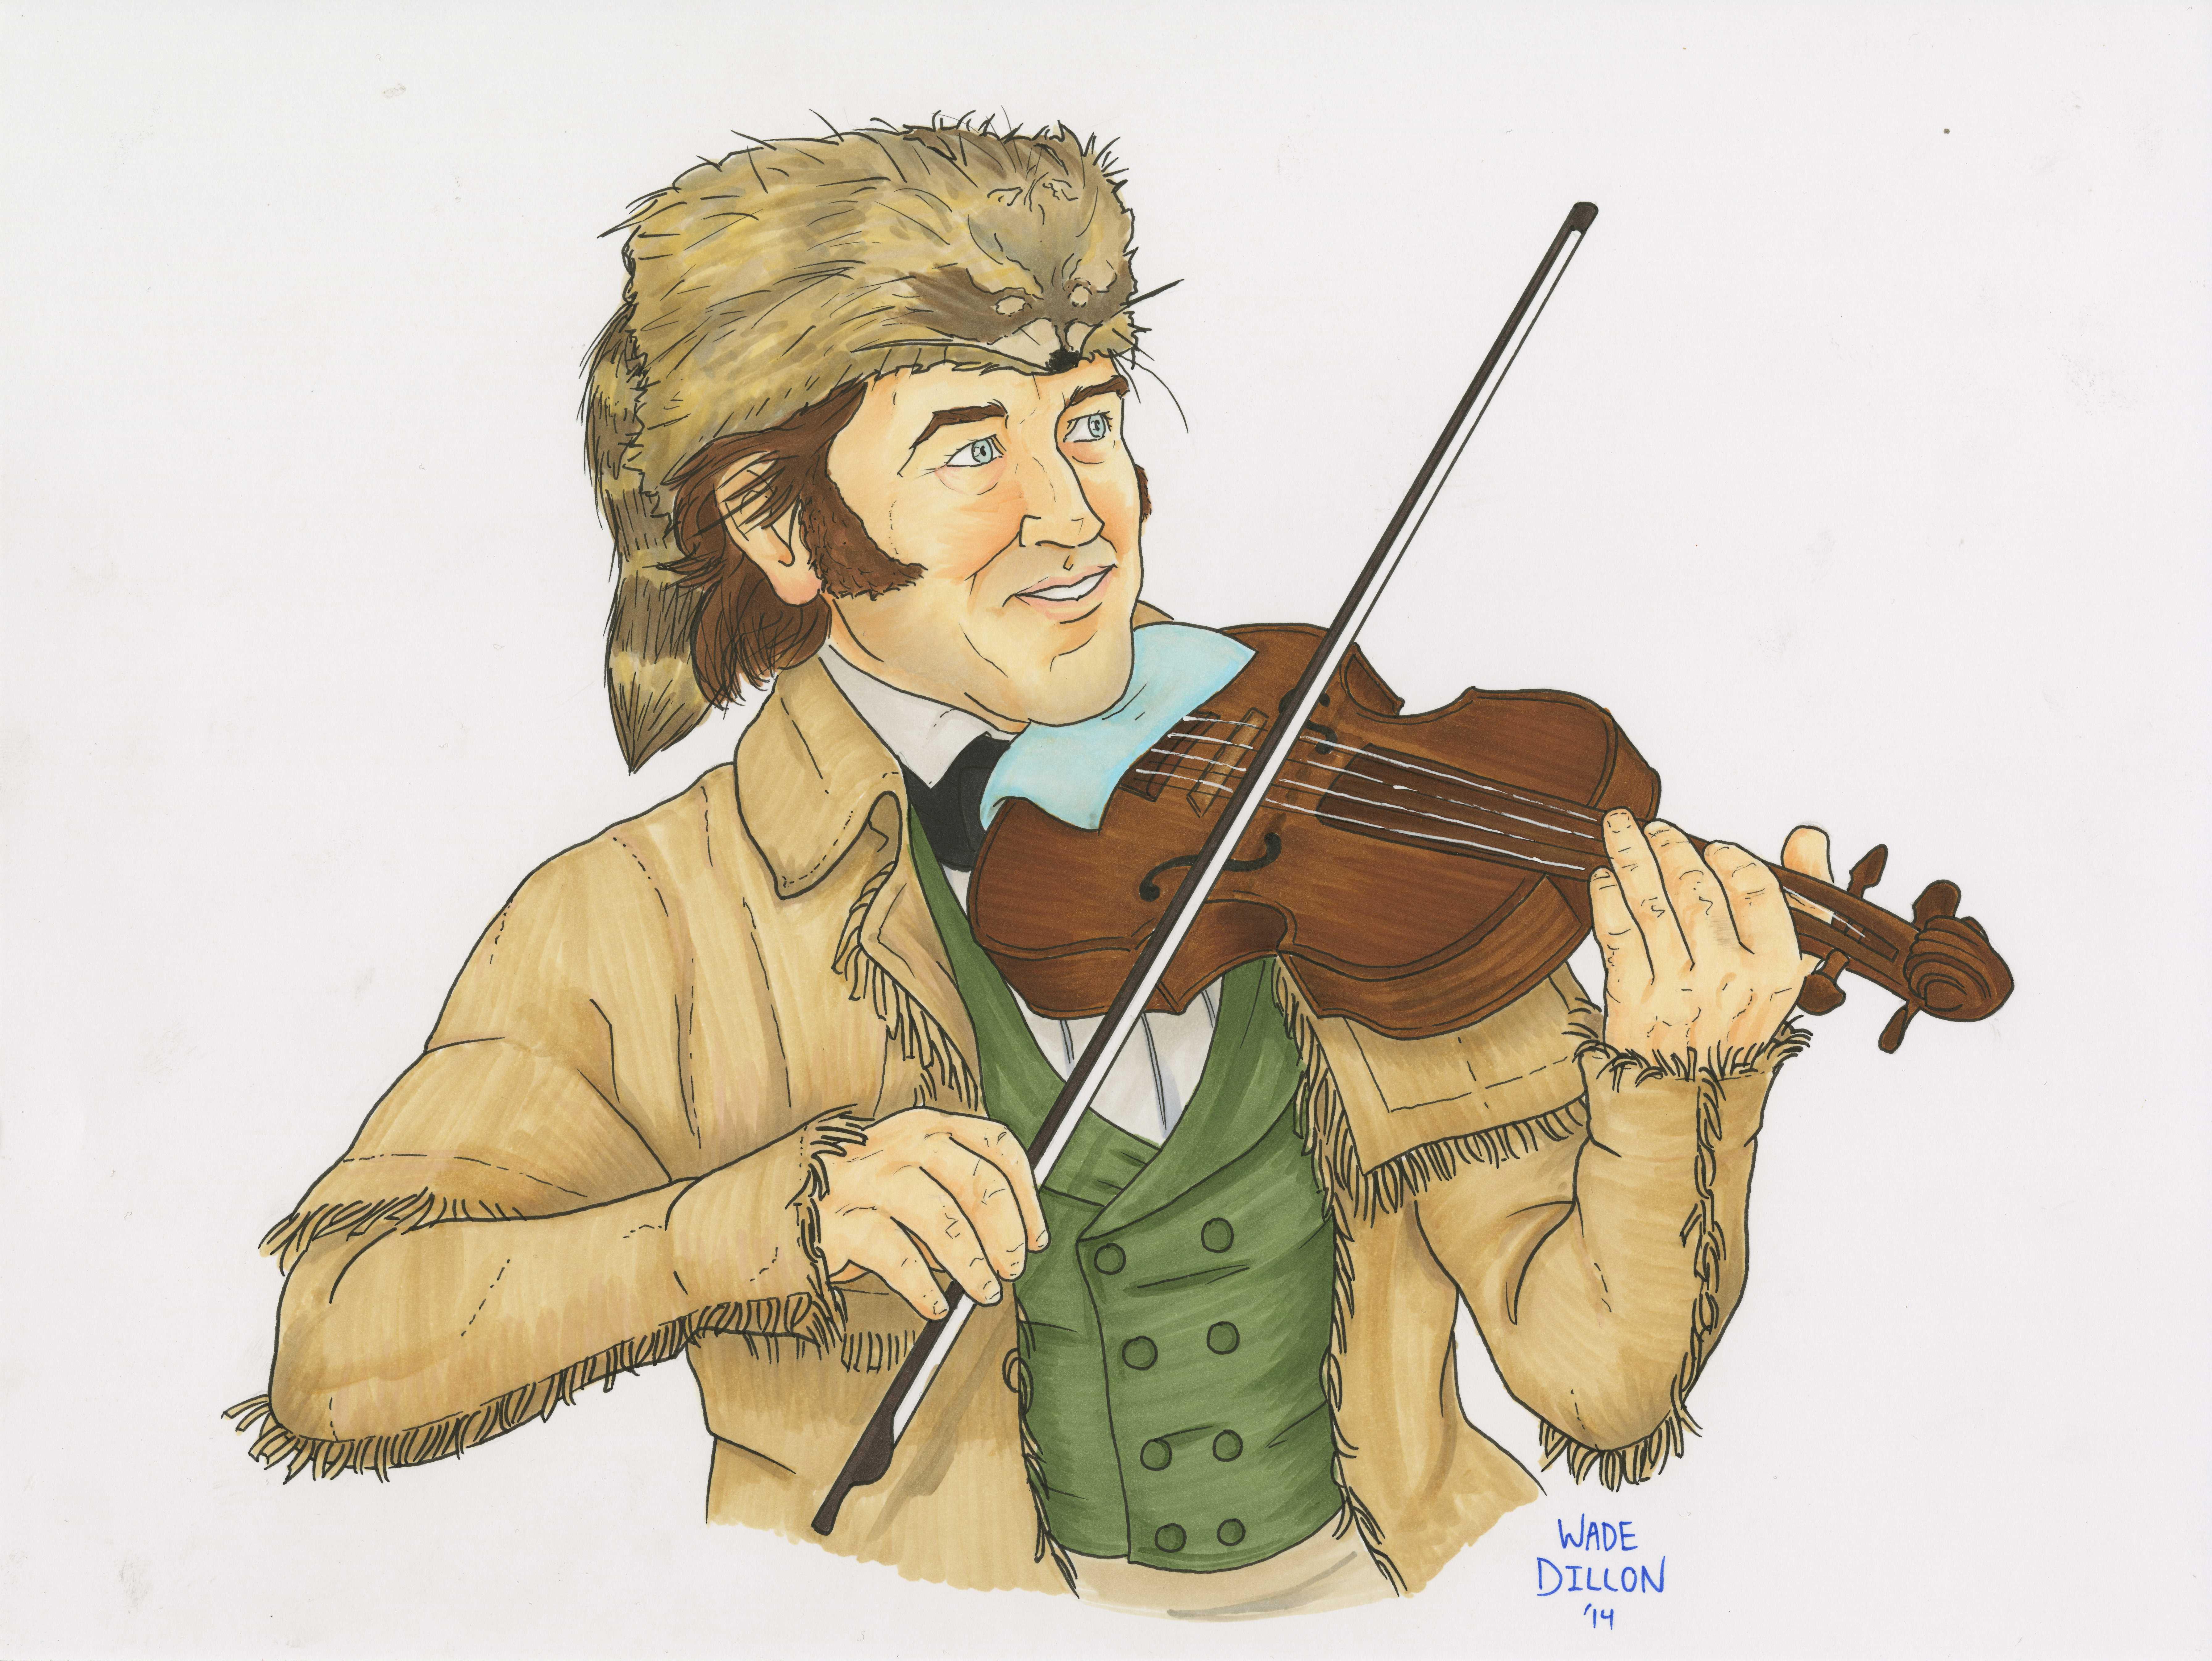 Crockett the Fiddler